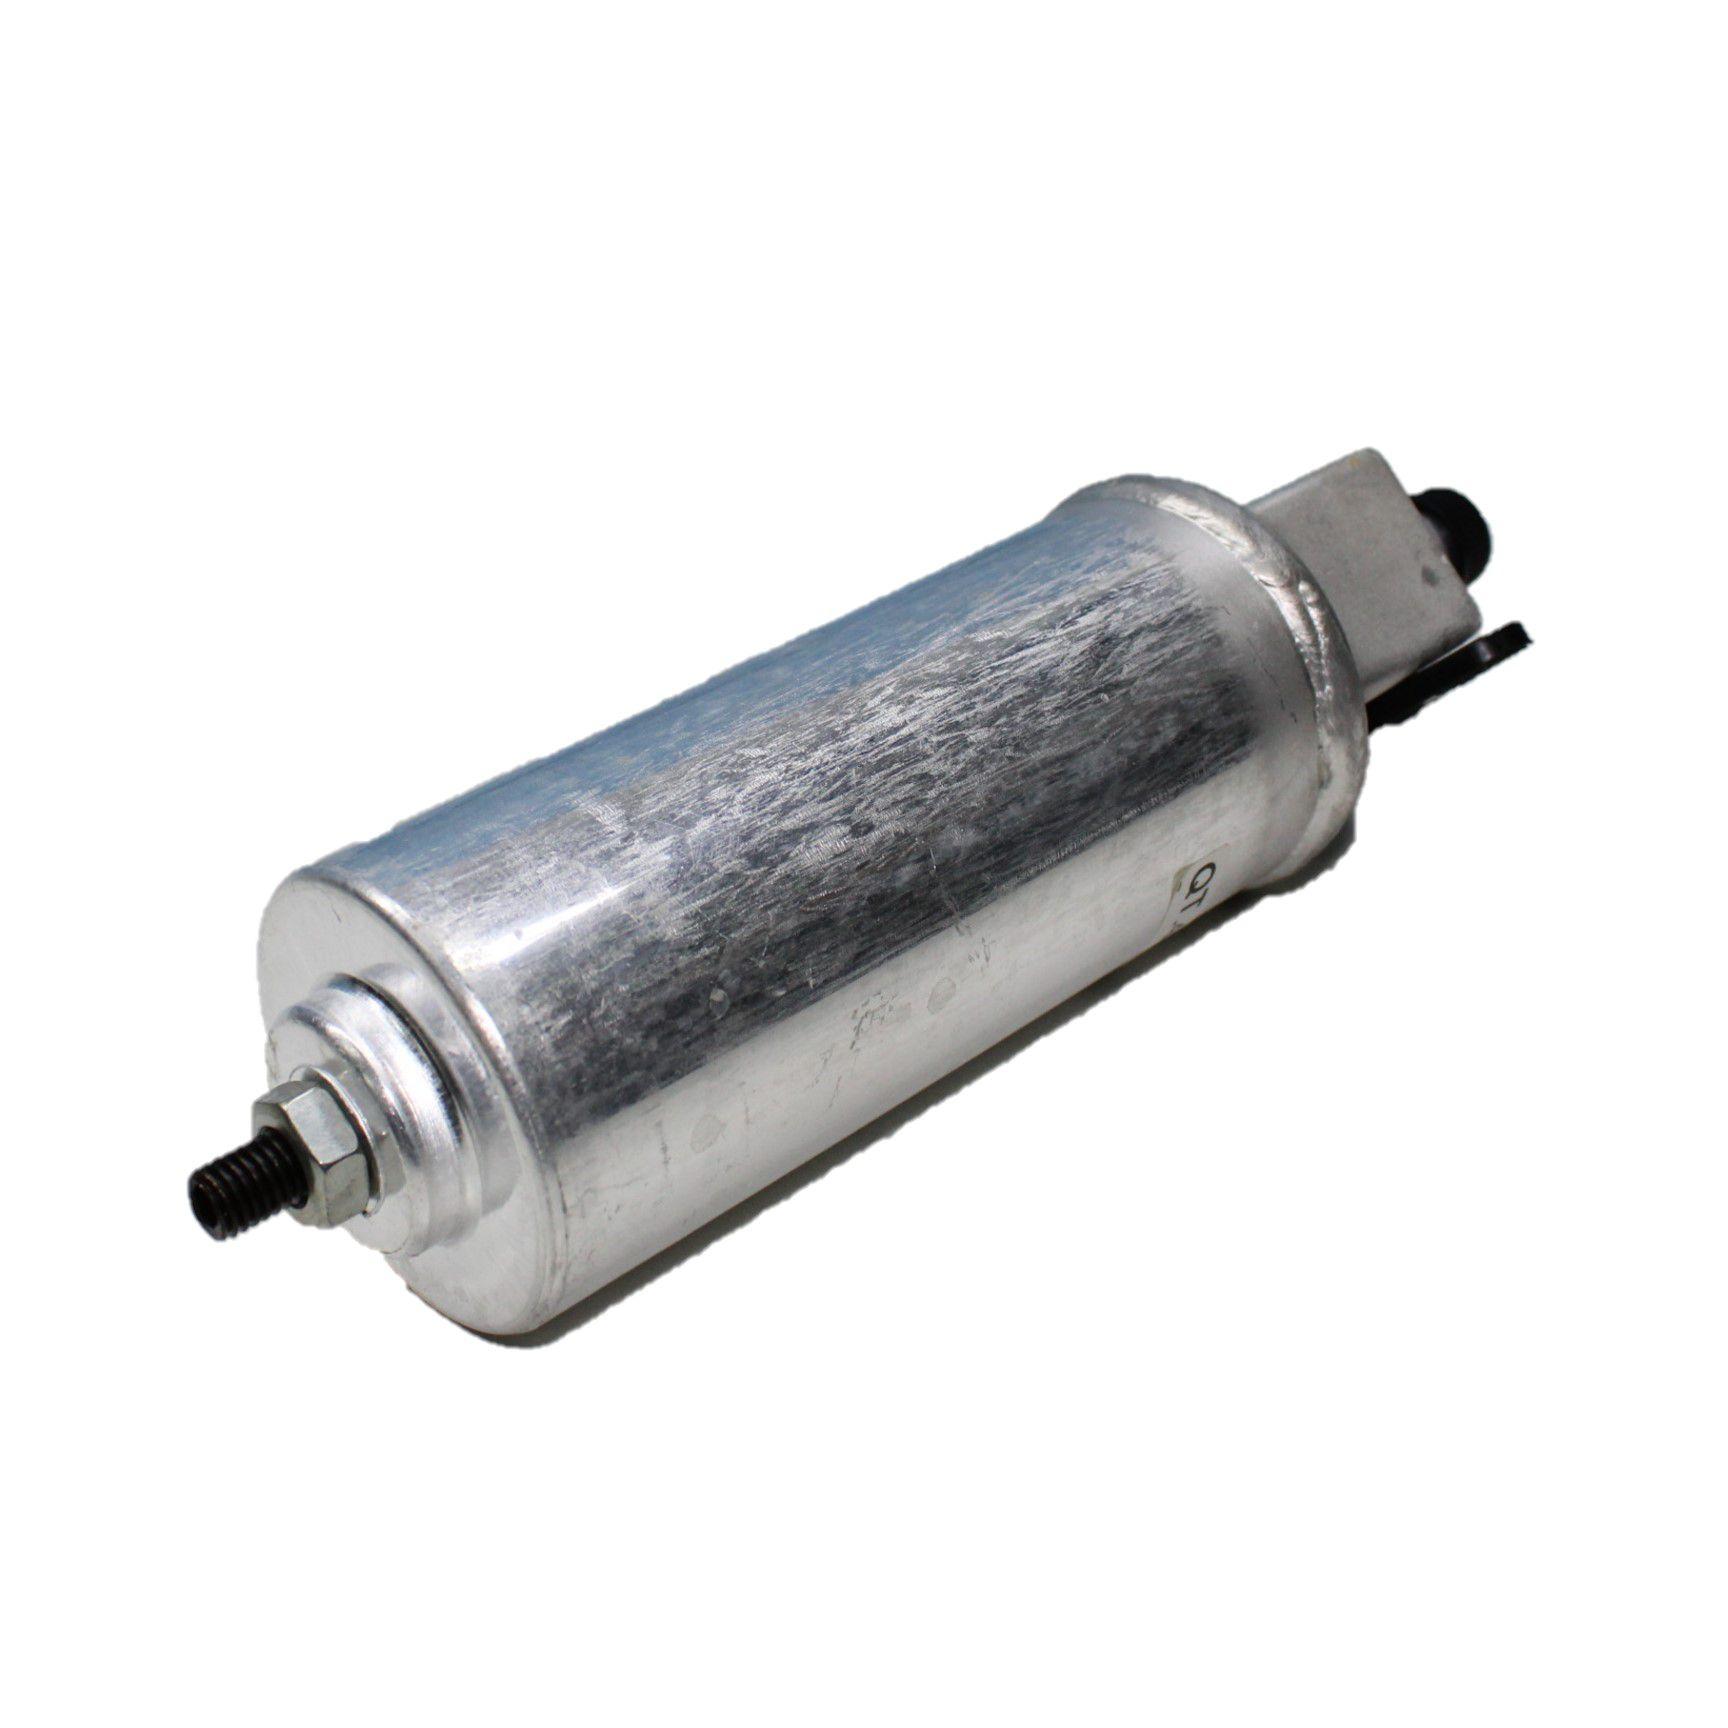 Filtro Secador Ar Condicionado Scenic, Megane